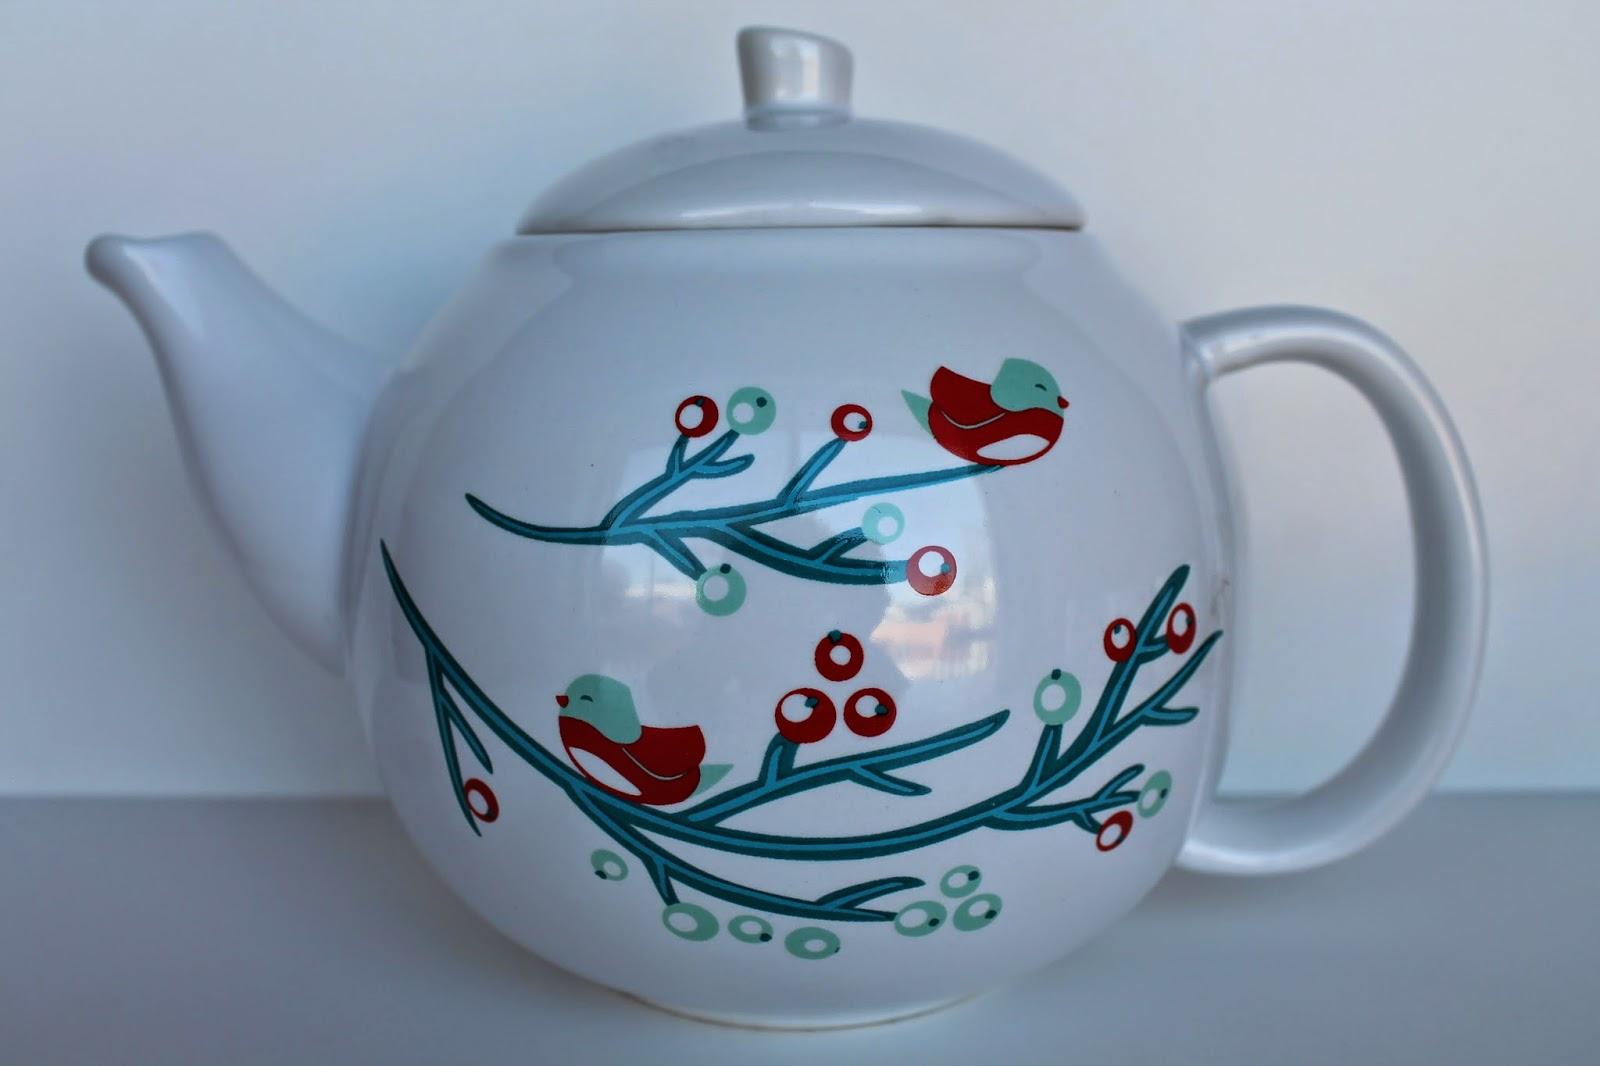 David's Tea